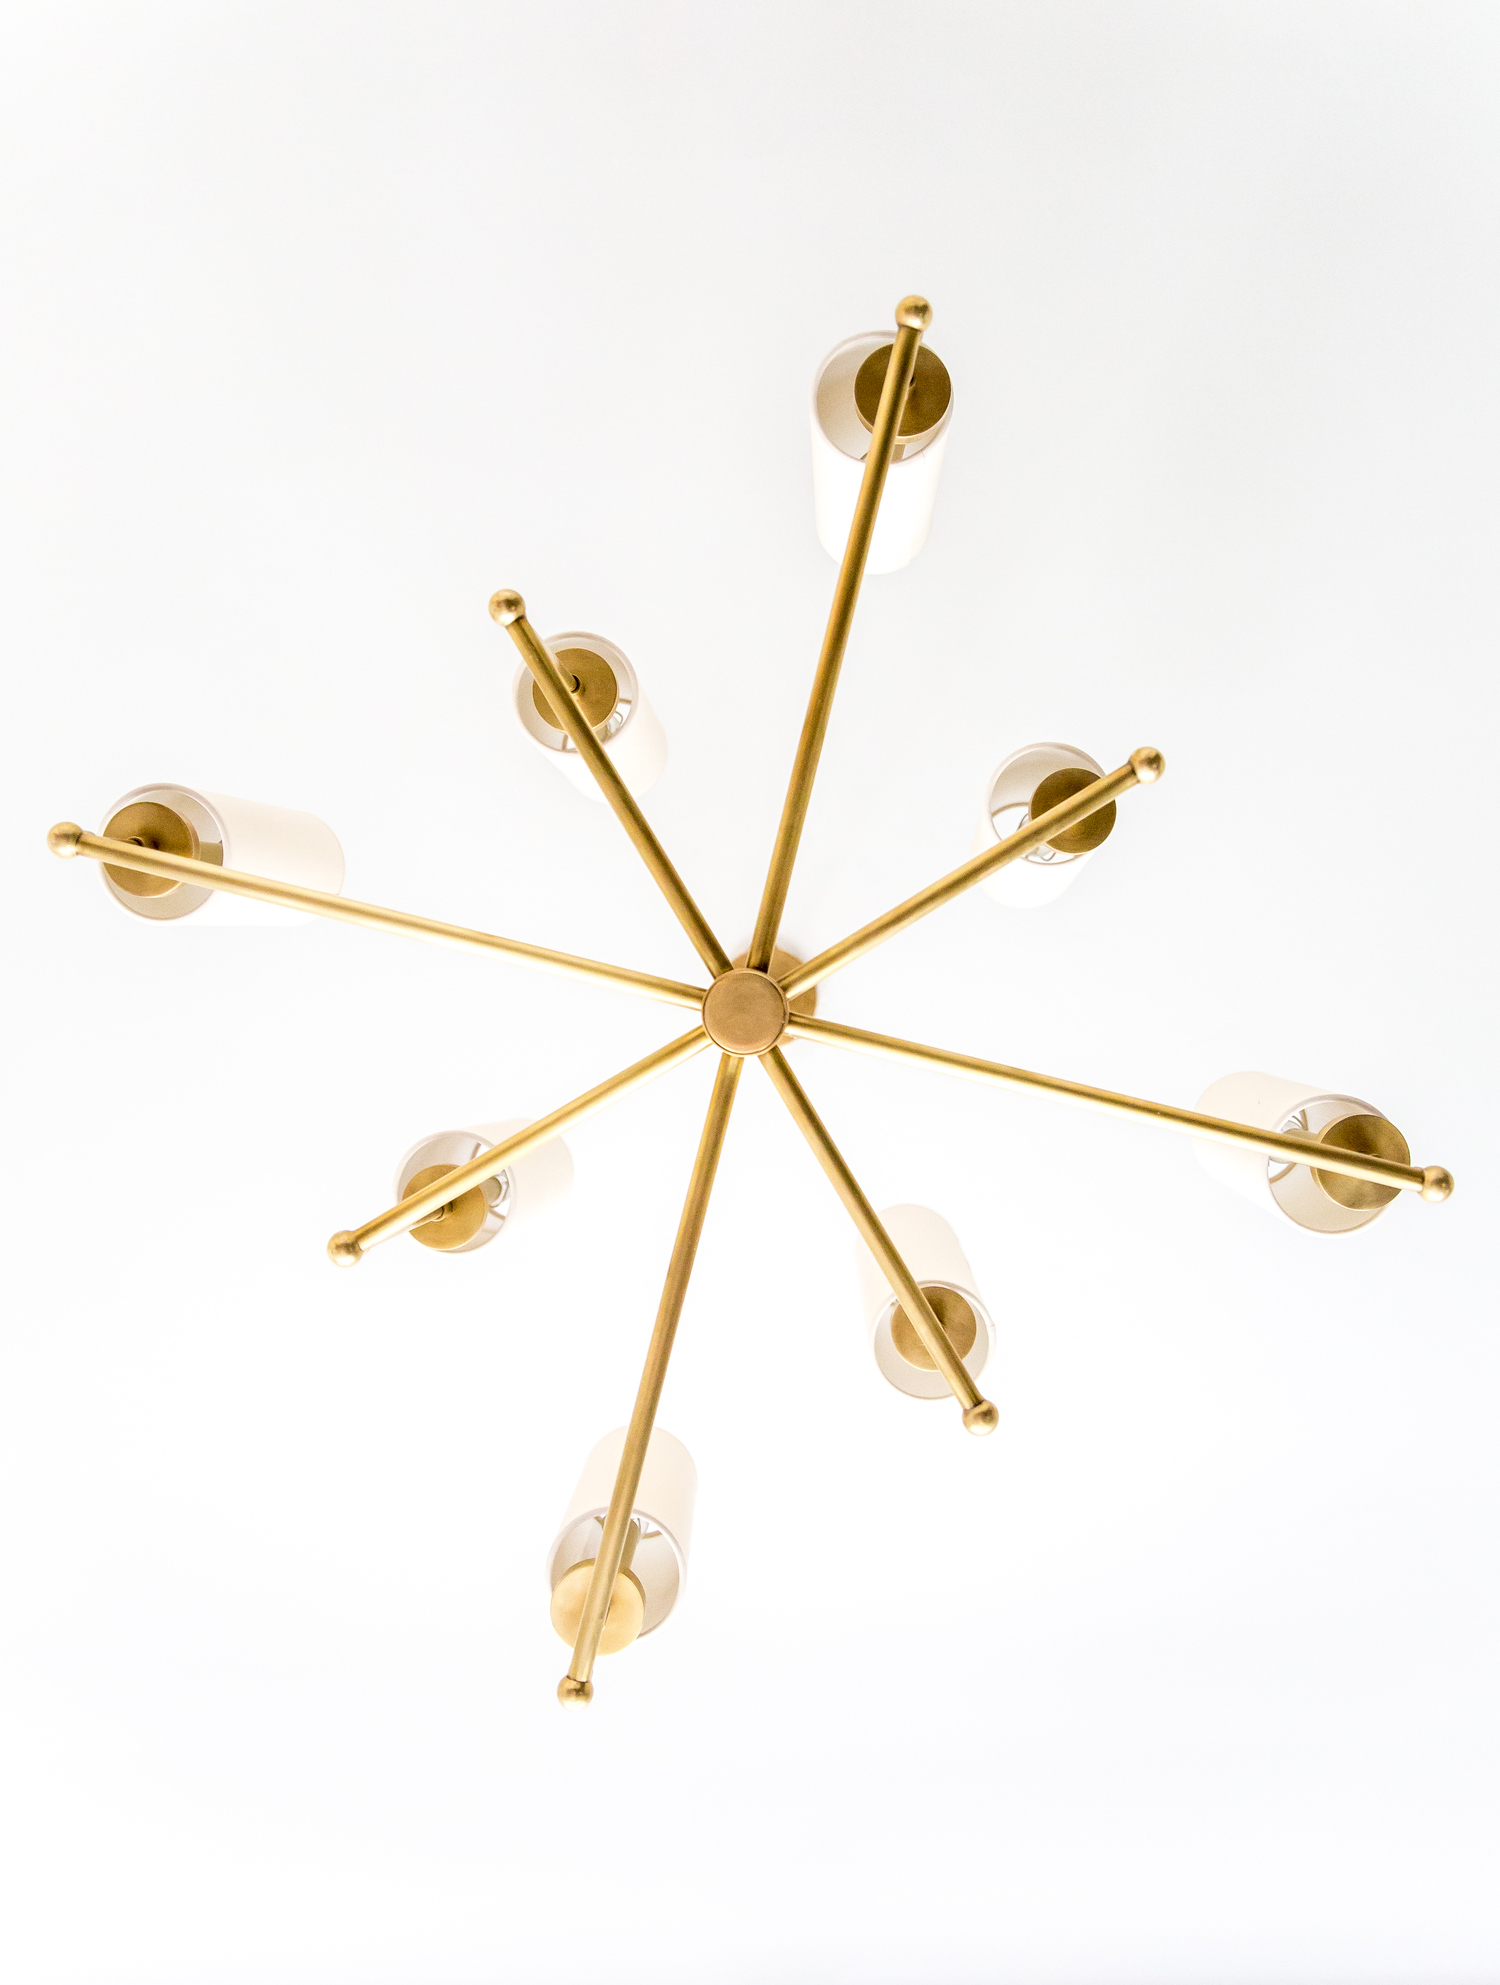 Modern, gold metal chandelier in office